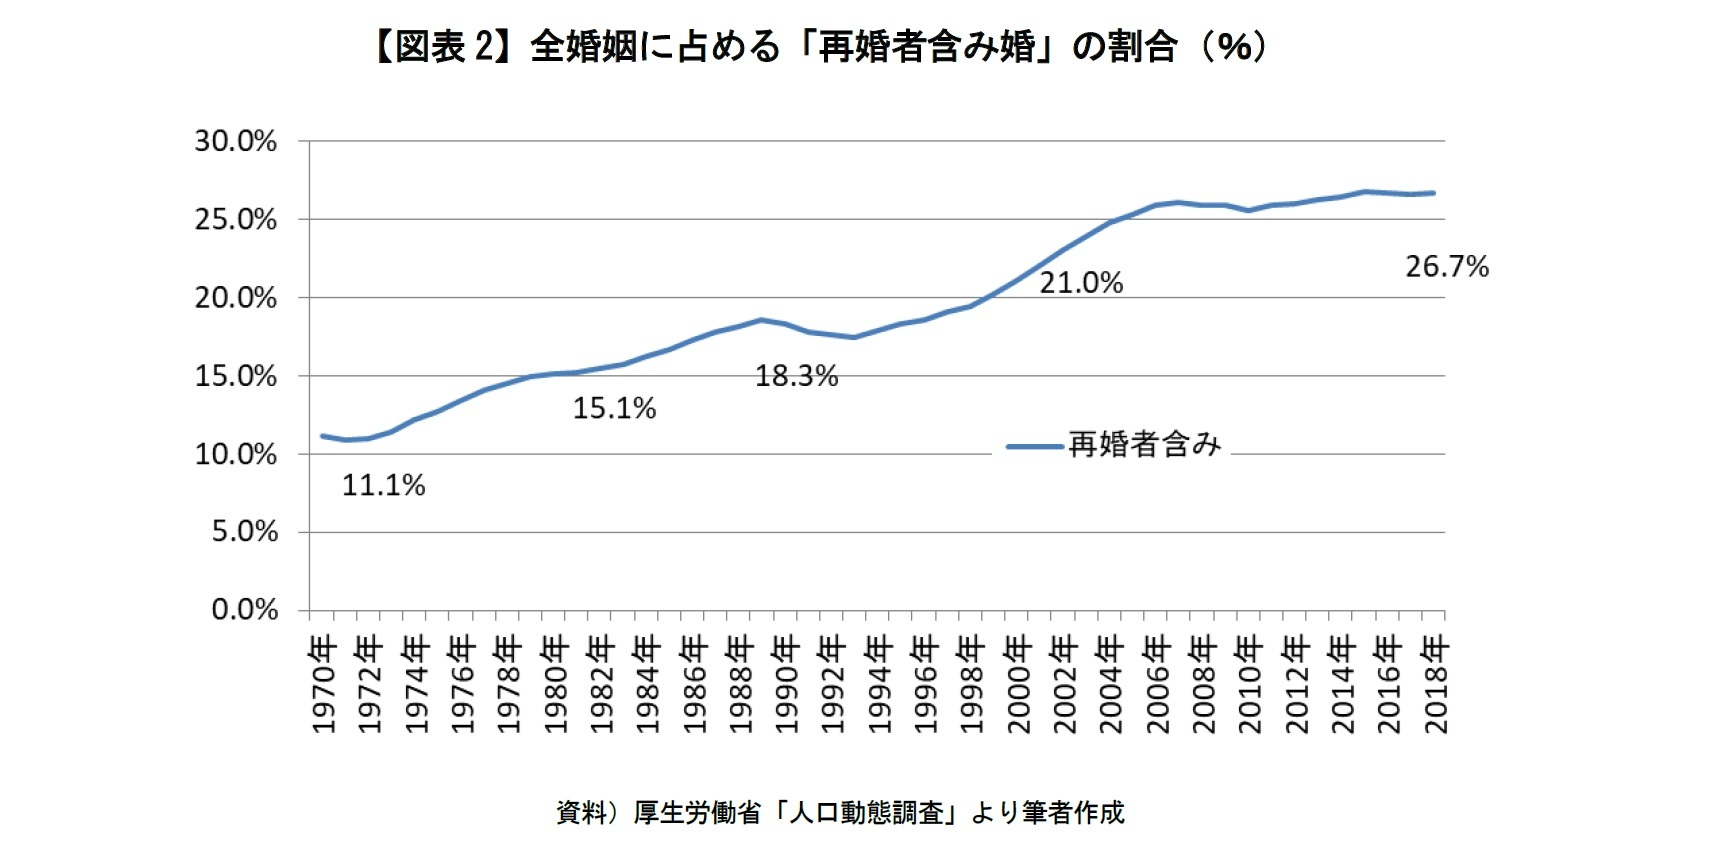 【図表2】全婚姻に占める「再婚者含み婚」の割合(%)